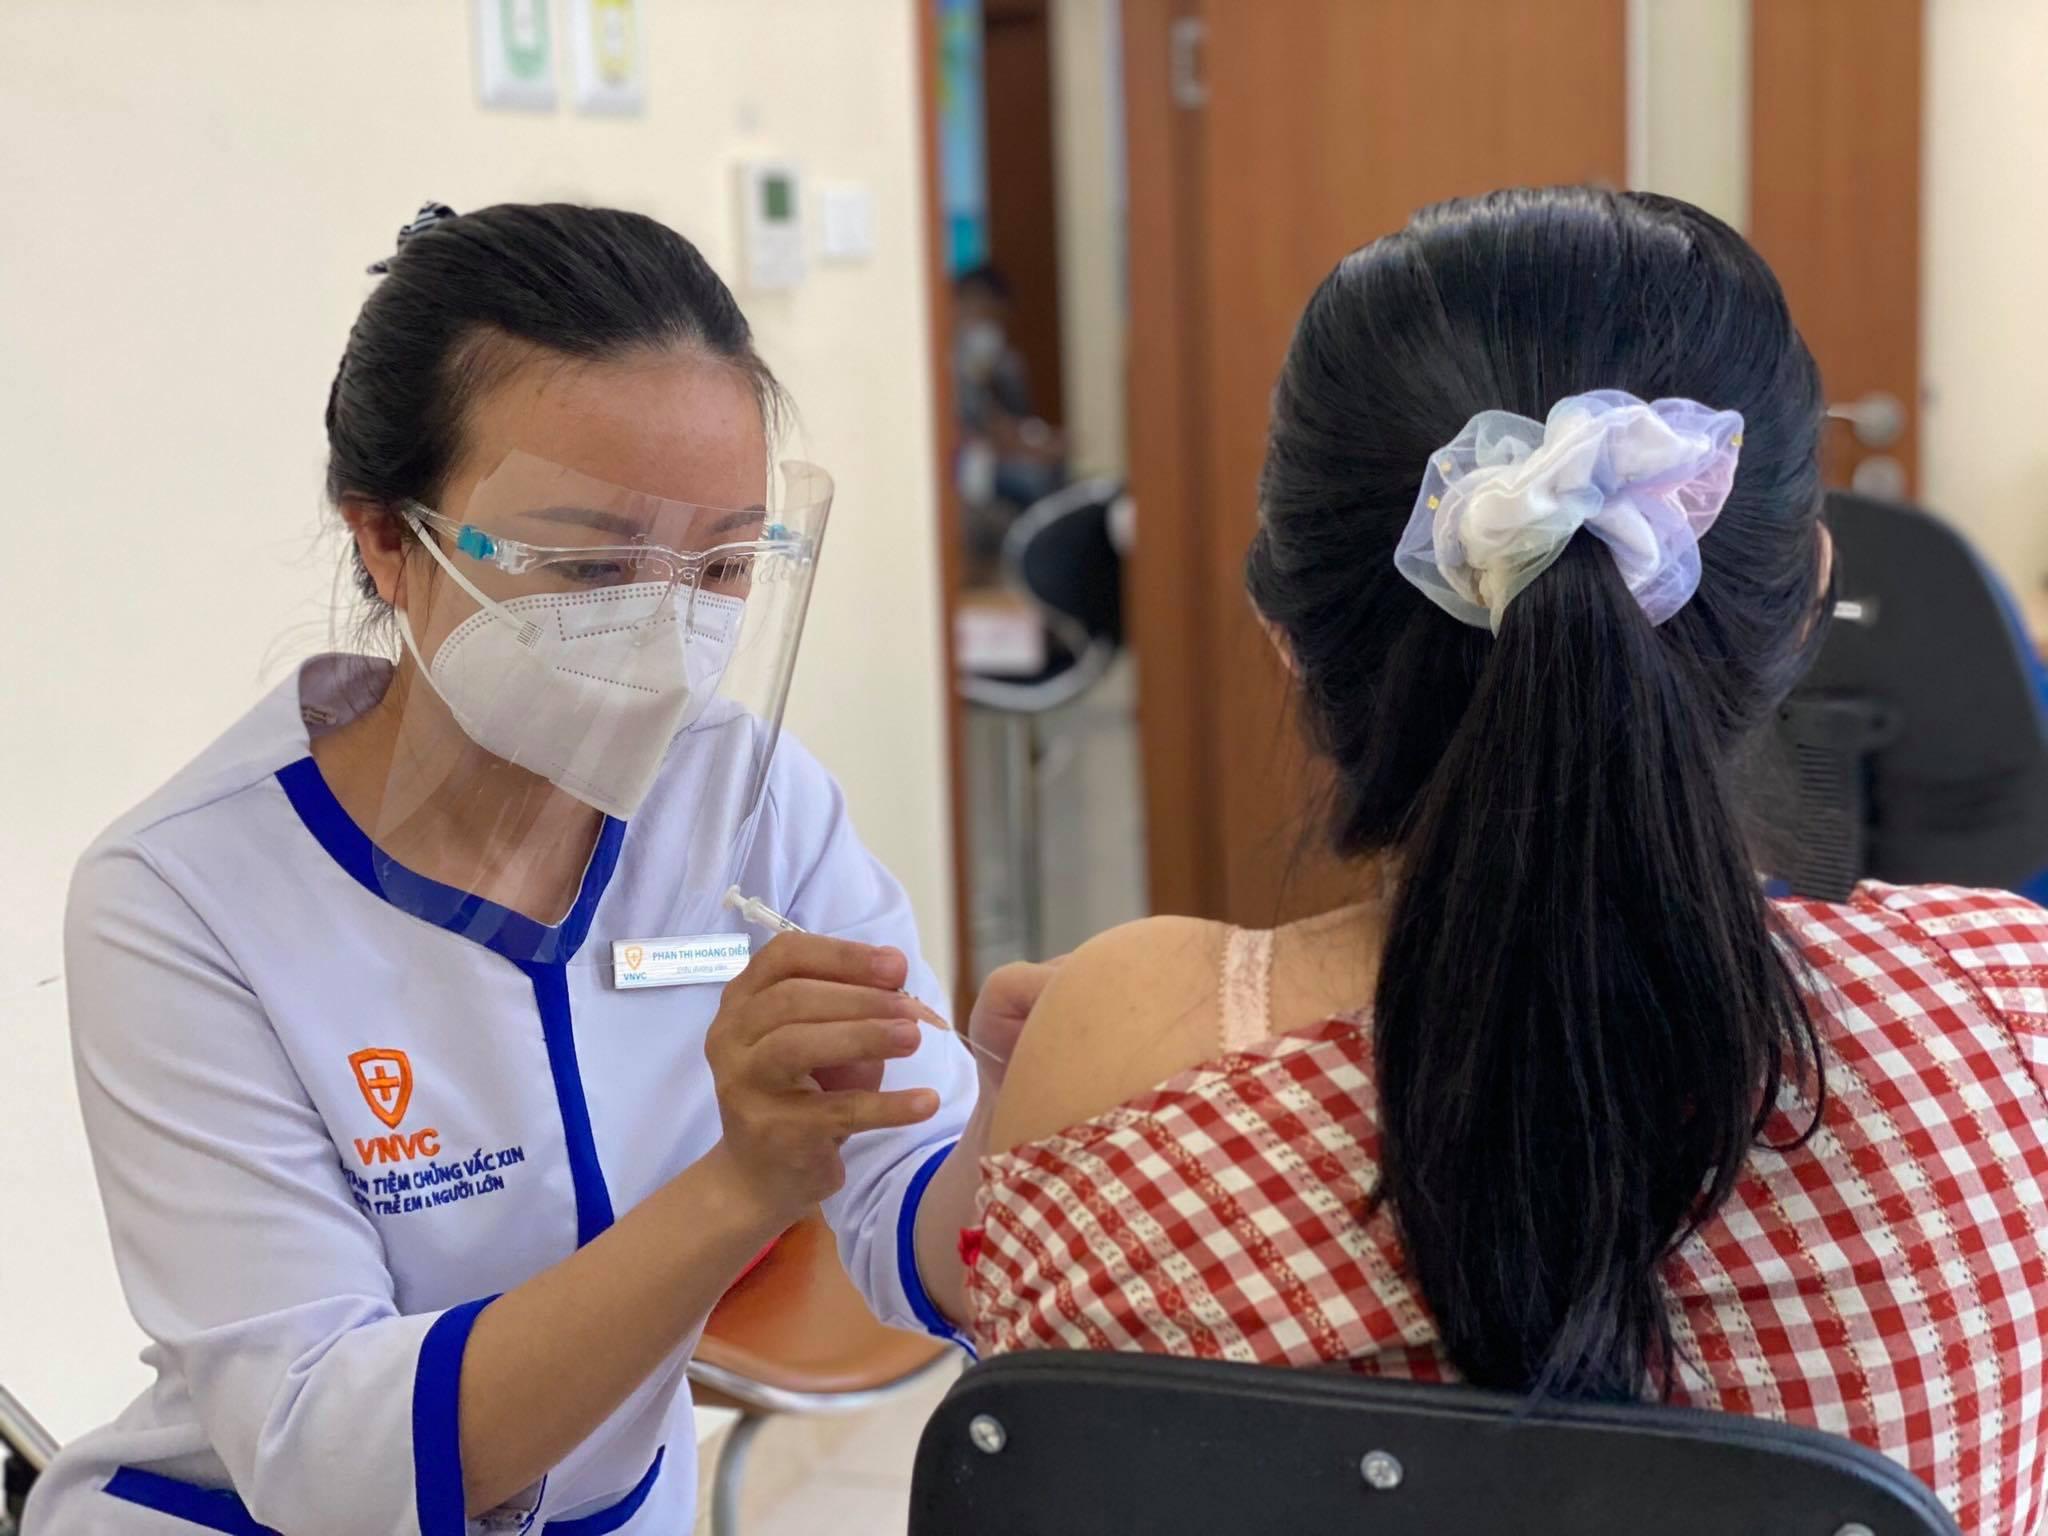 Hàng nghìn thai phụ từ 13 tuần thai trở lên được khám sàng lọc, tiêm vaccine Pfizer phòng Covid-19 và kiểm tra sức khỏe sau tiêm tại Bệnh viện Đa khoa Tâm Anh TP HCM từ ngày 13/8/2021. Ảnh: Phong Lan